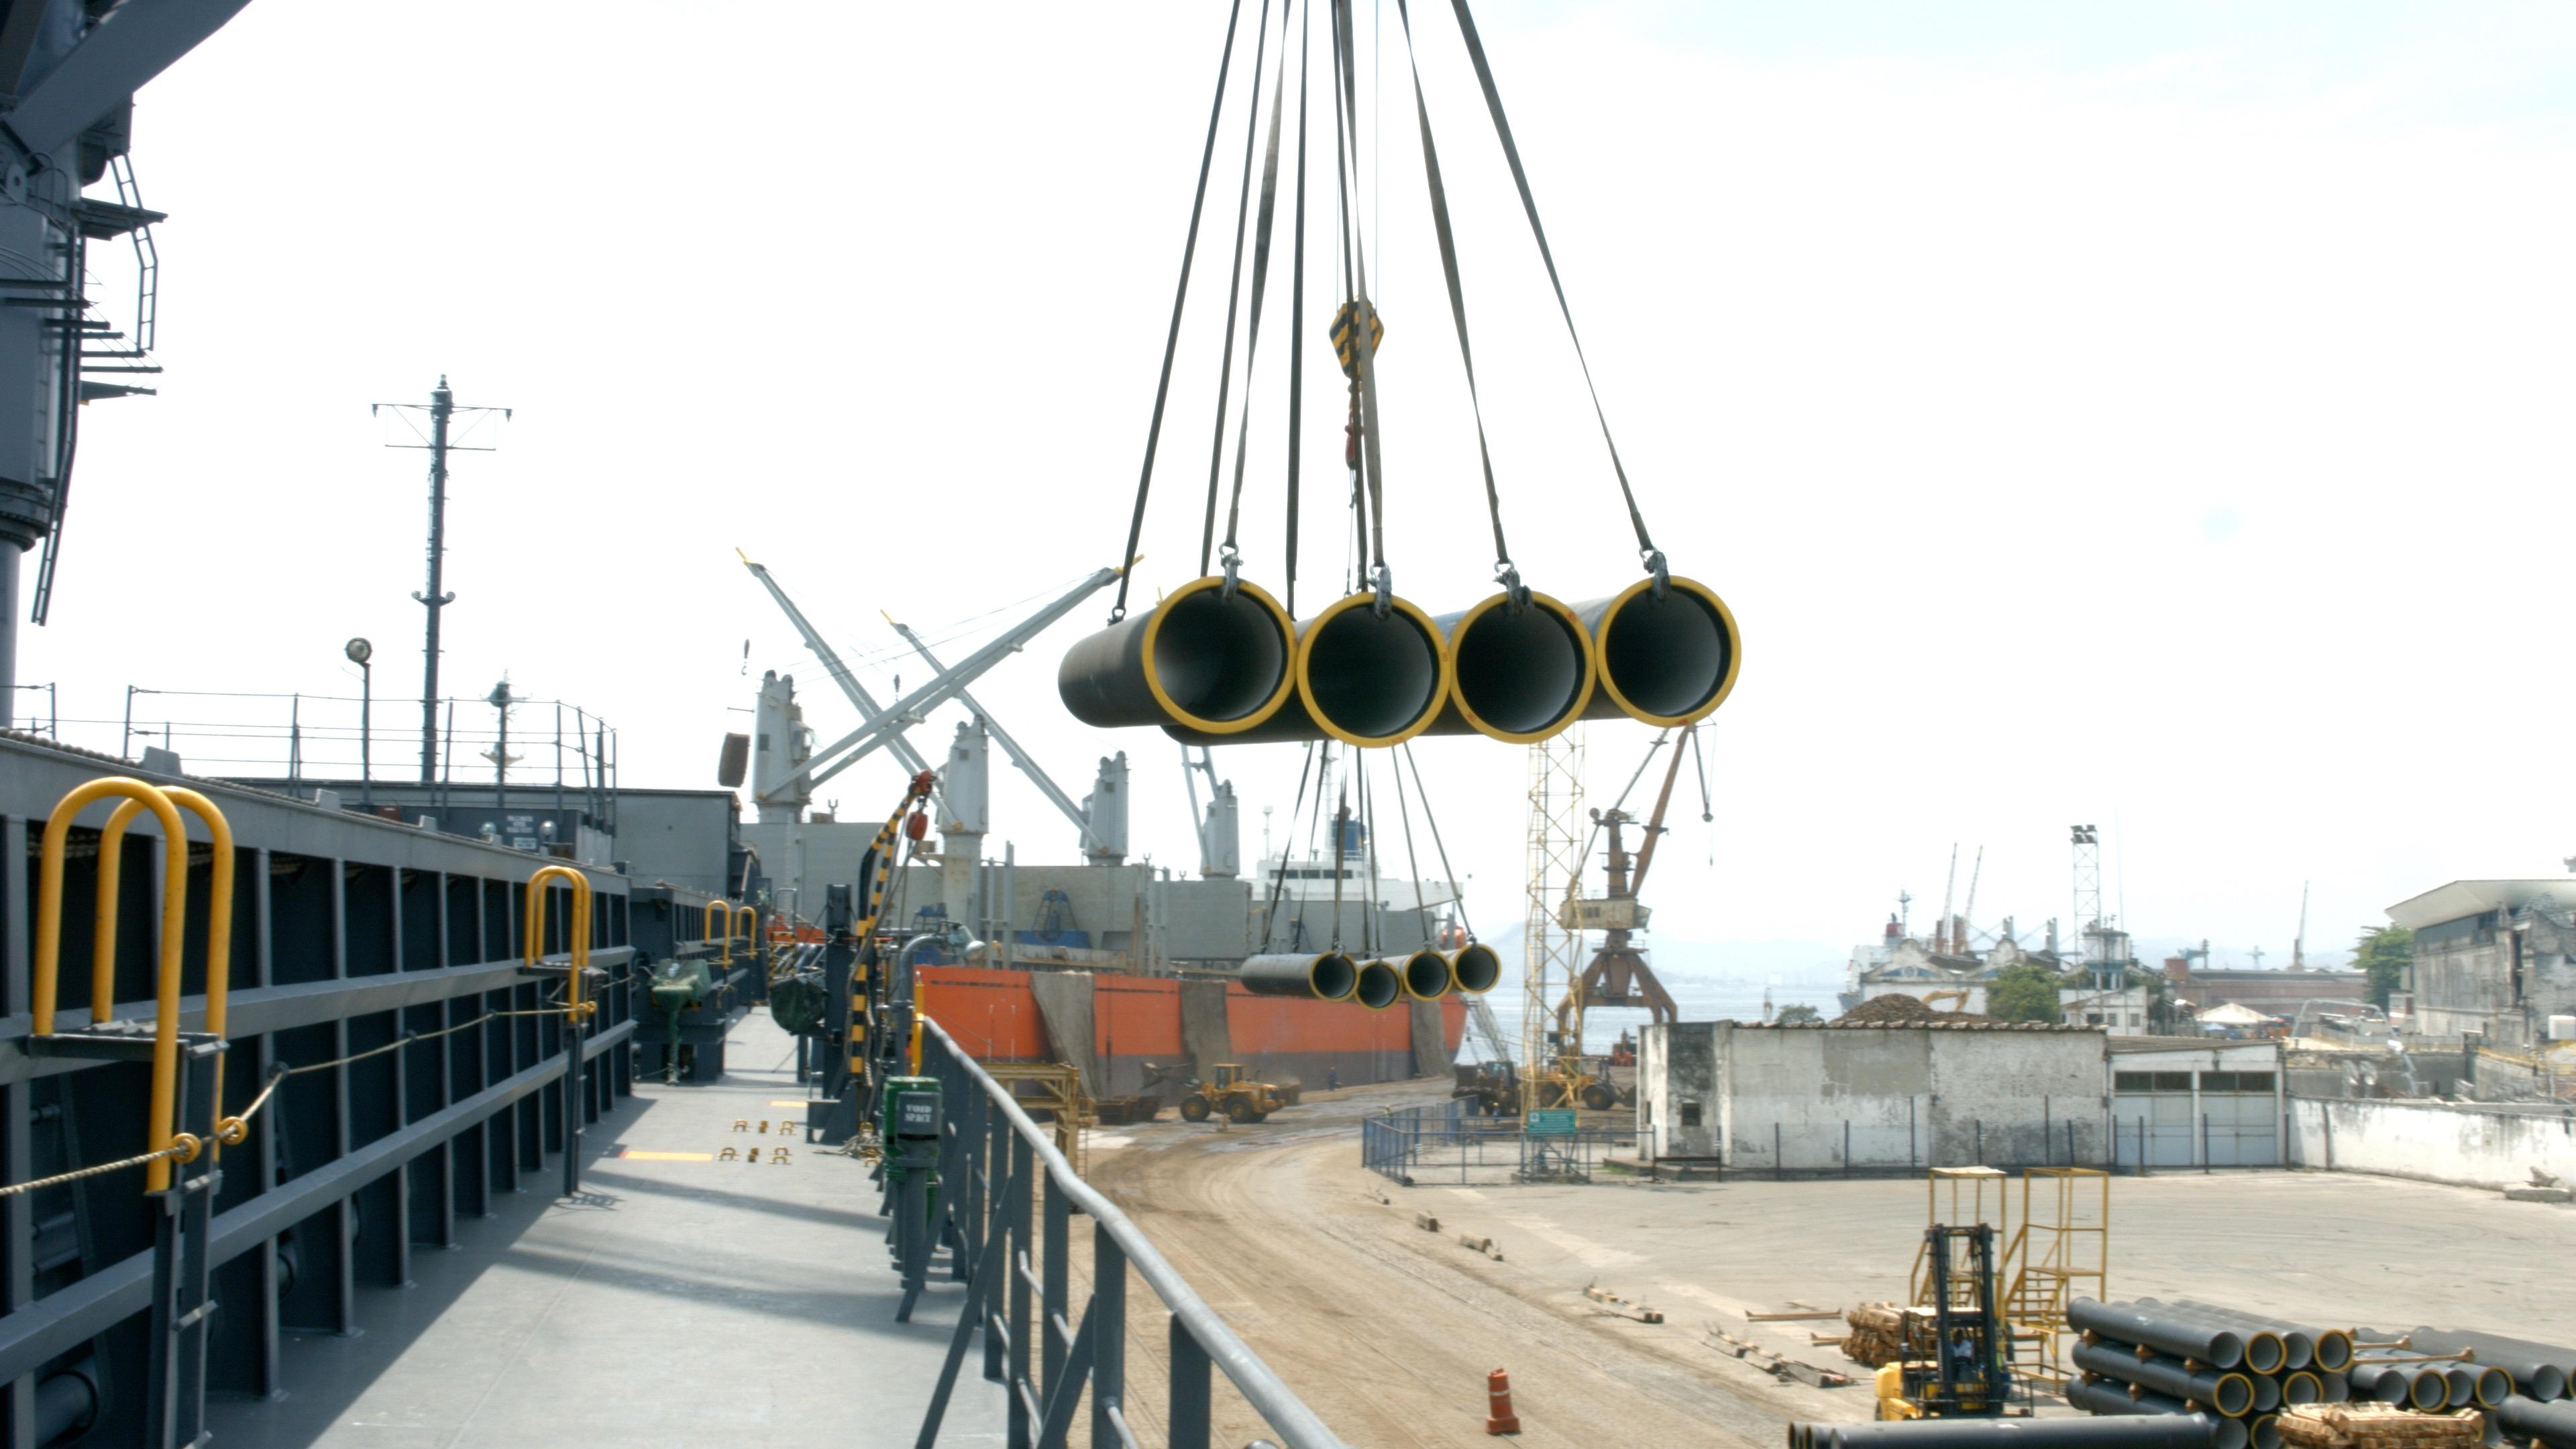 Projeto de Ampliação de Melhoramento do Sistema de Abastecimento de Água Potável da cidade de Ica